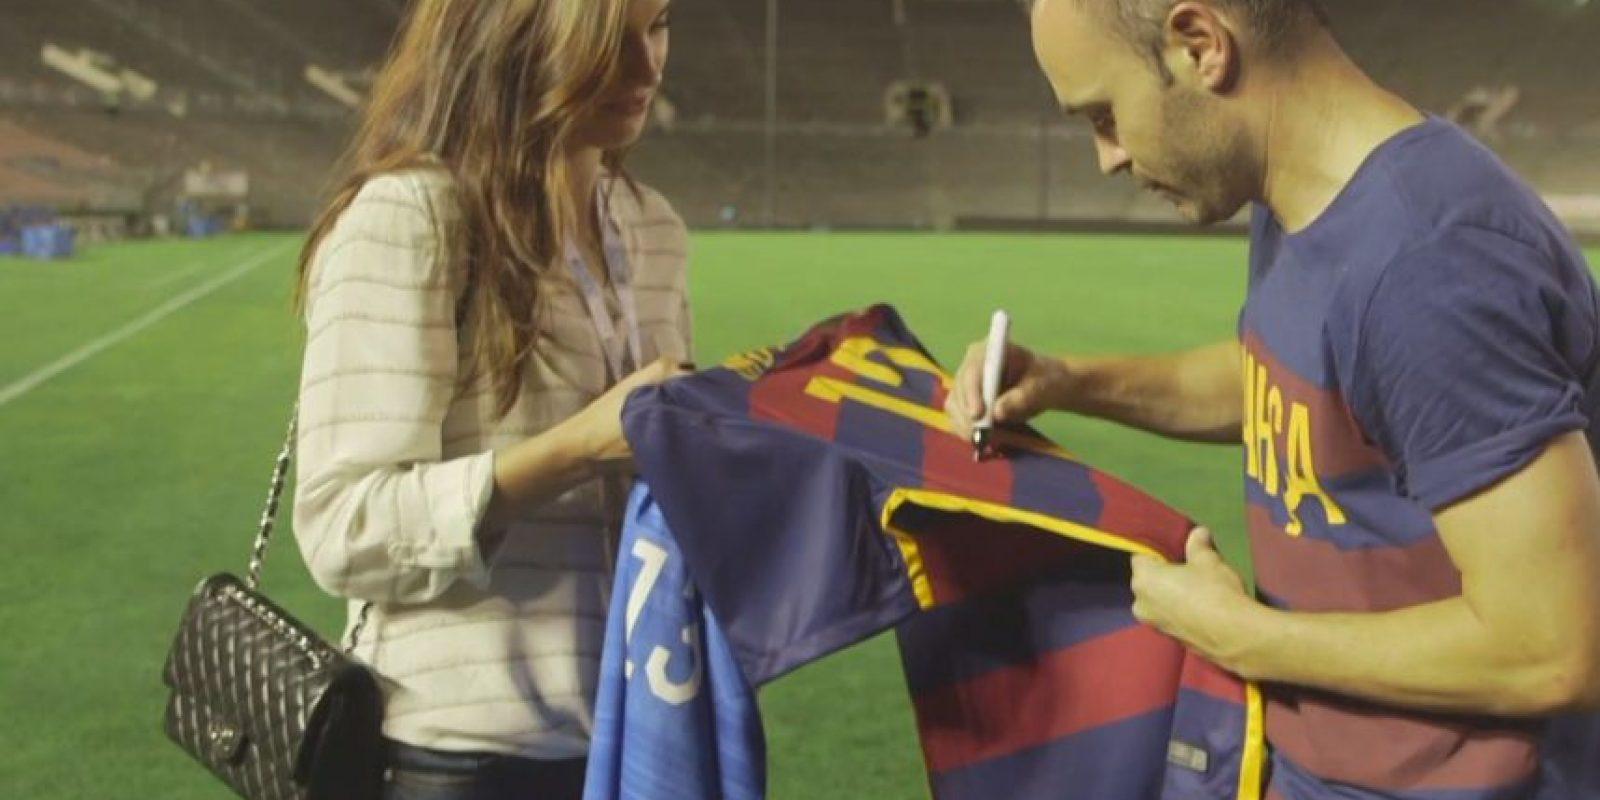 El crack del Barcelona le regaló a la jugadora estadounidense un jersey del Barça con su nombre y firmado por él. Foto:Vía fcbarcelona.com